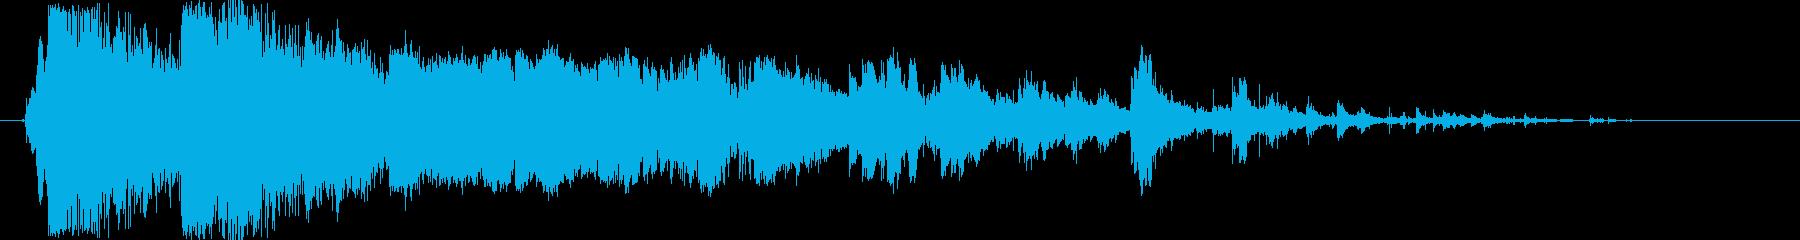 自動クラッシュ:Ext:ダブルイン...の再生済みの波形